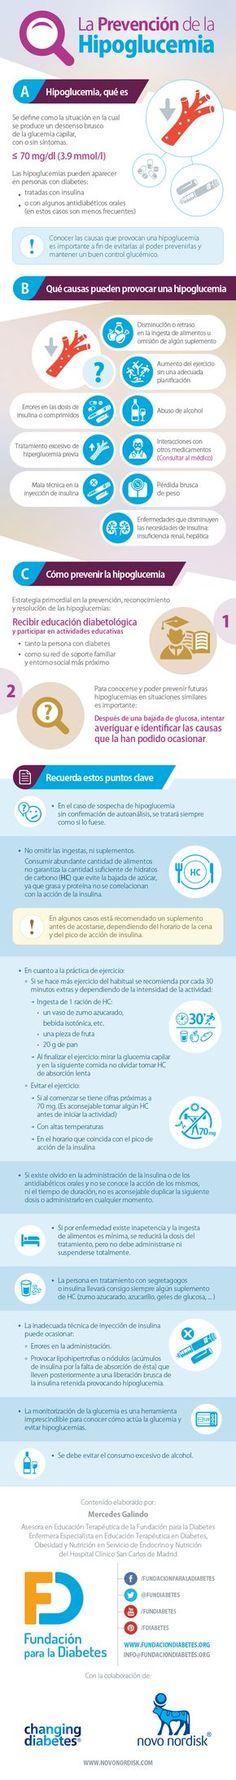 Código icd 9 diabetes mellitus controlada